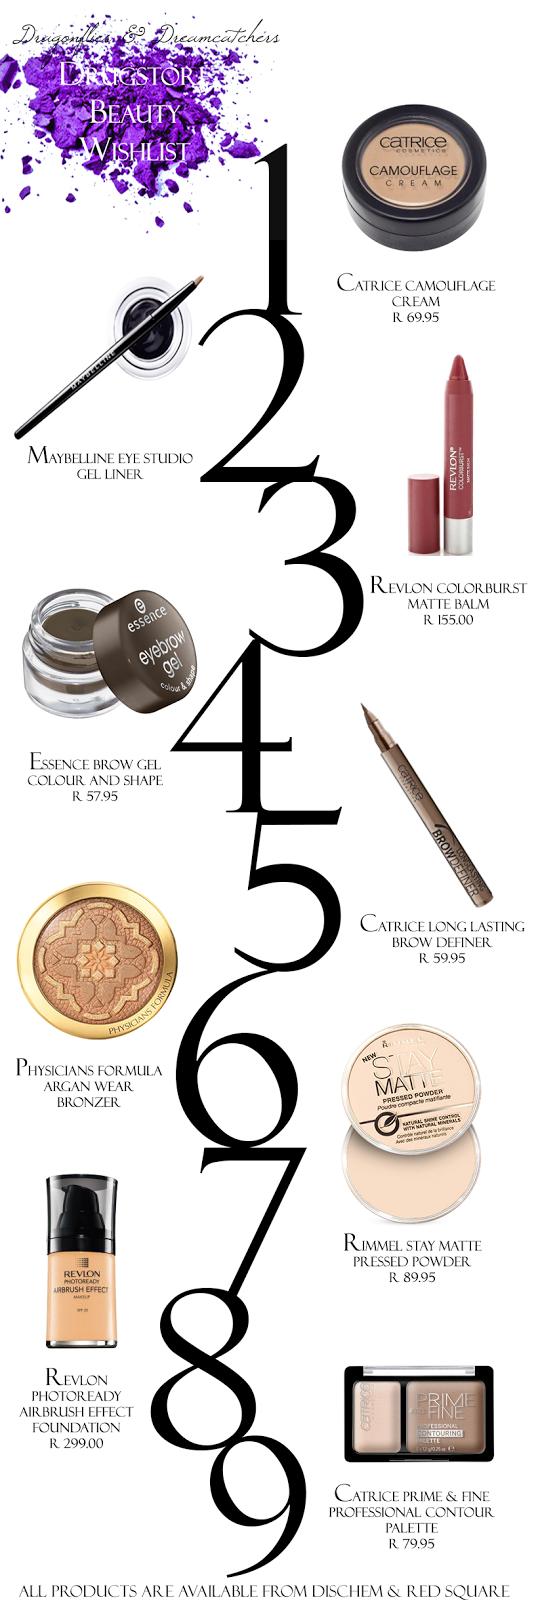 drugstore beauty items I want